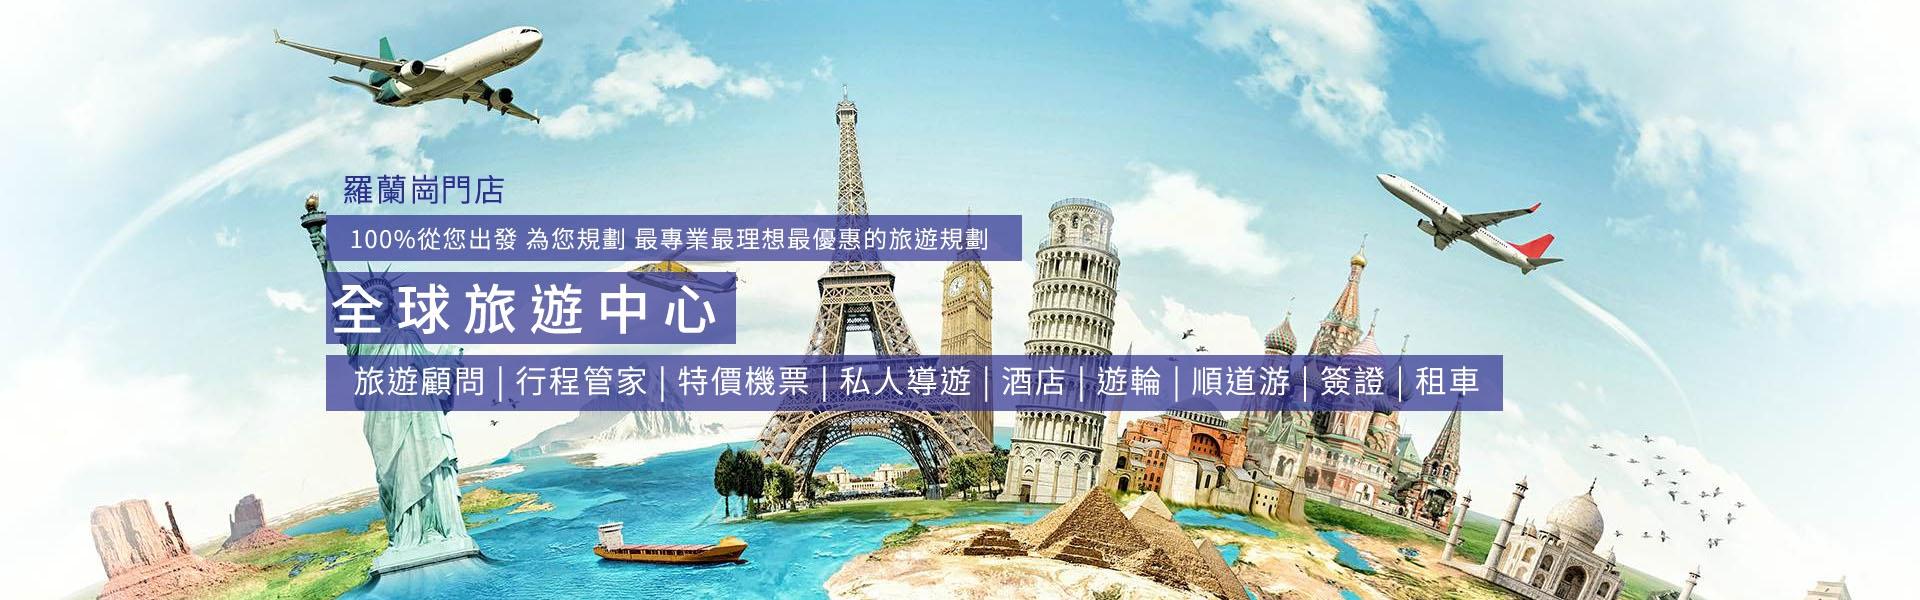 全球旅遊中心